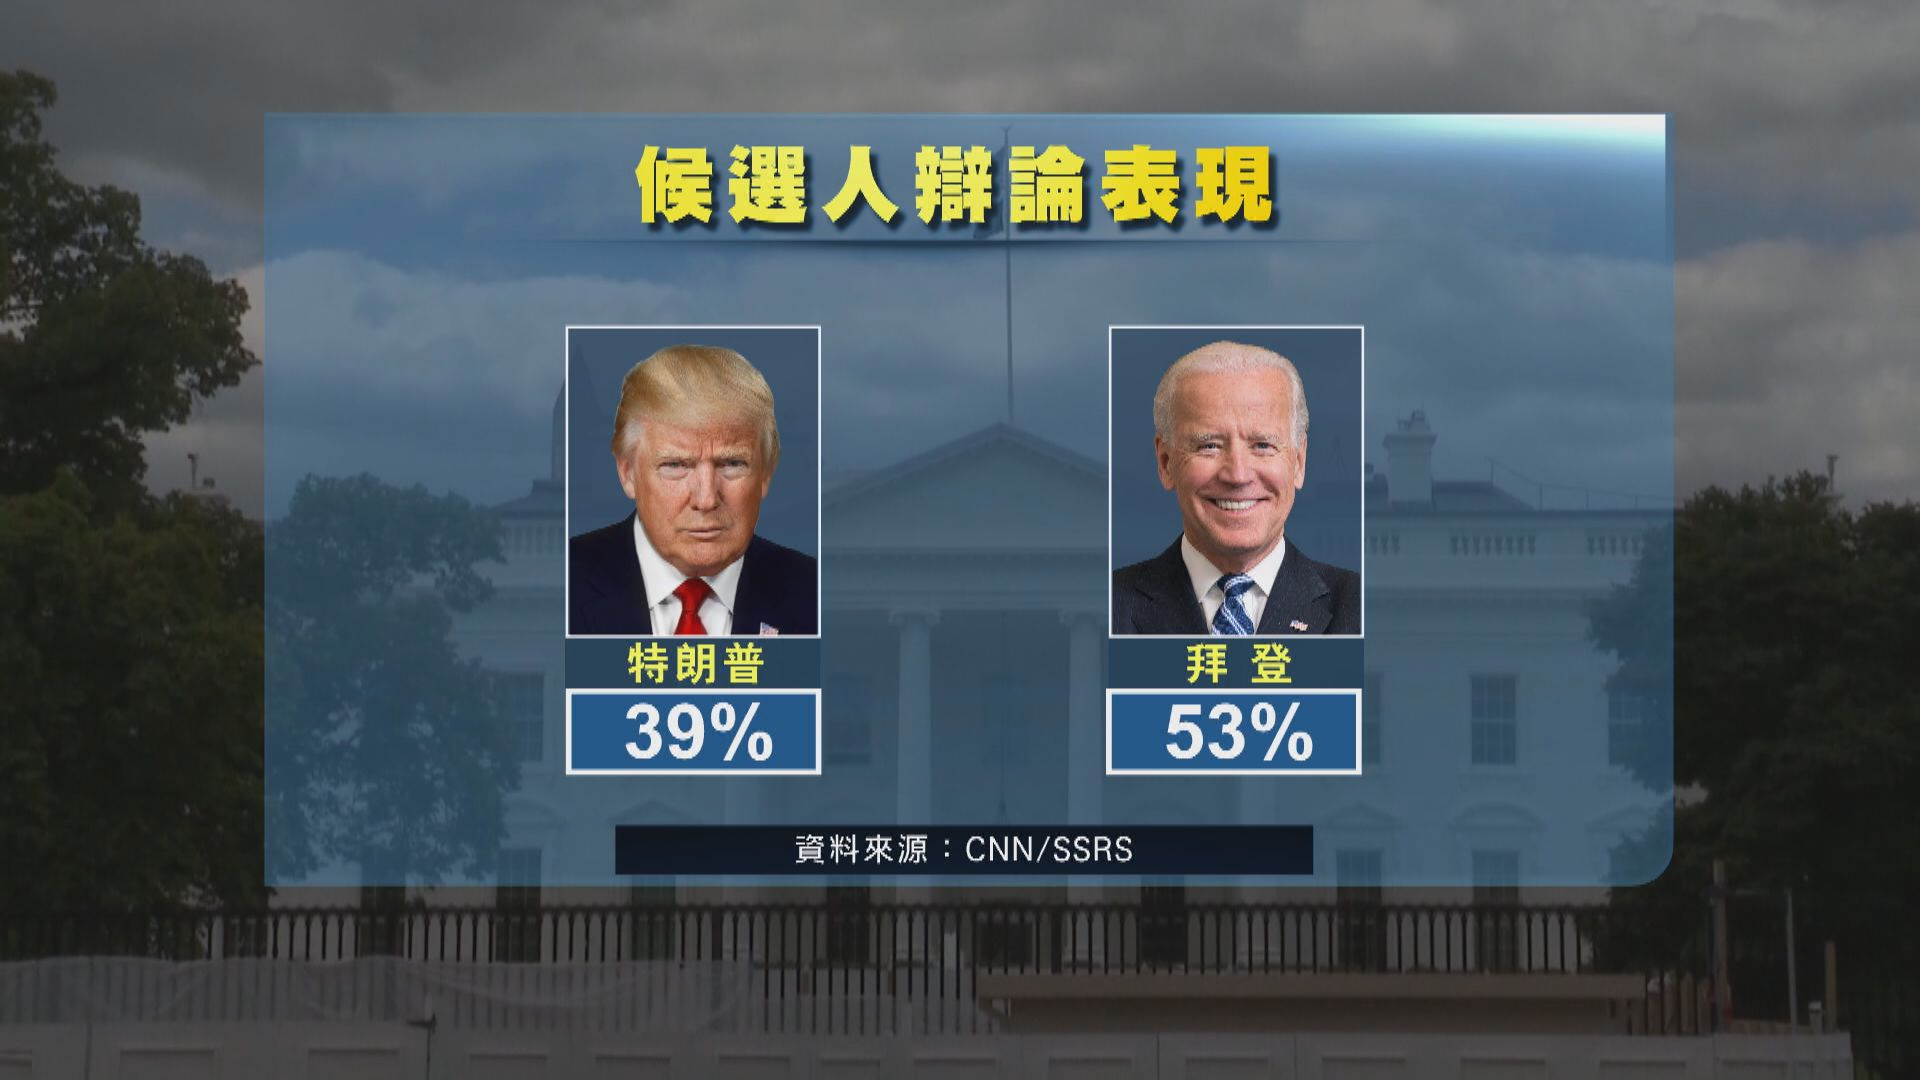 多項民調顯示過半受訪者認為拜登辯論表現較好